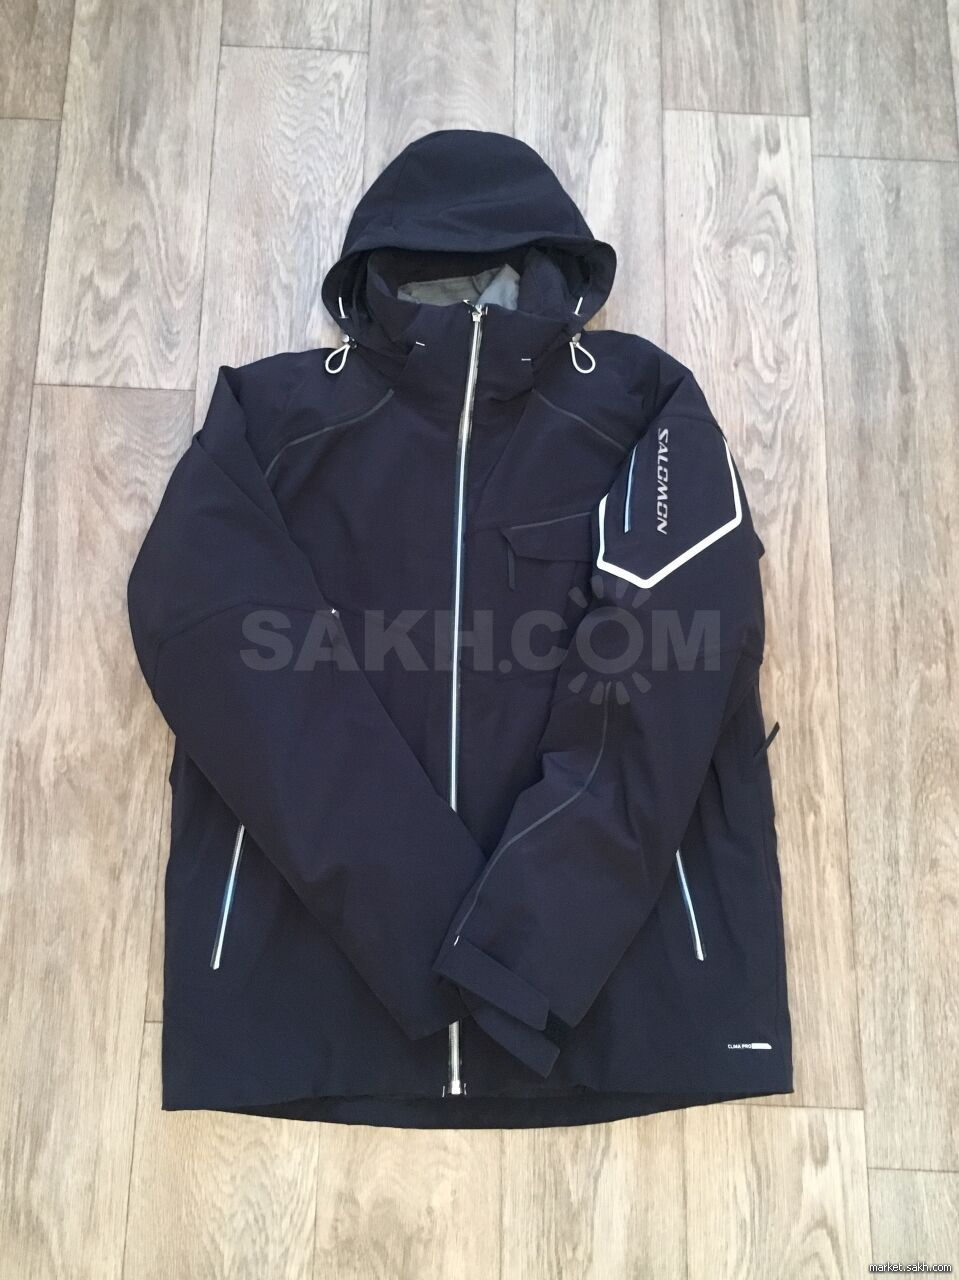 5bd874553e06 Продам куртку Salomon - 10000 руб. Одежда, обувь и аксессуары ...